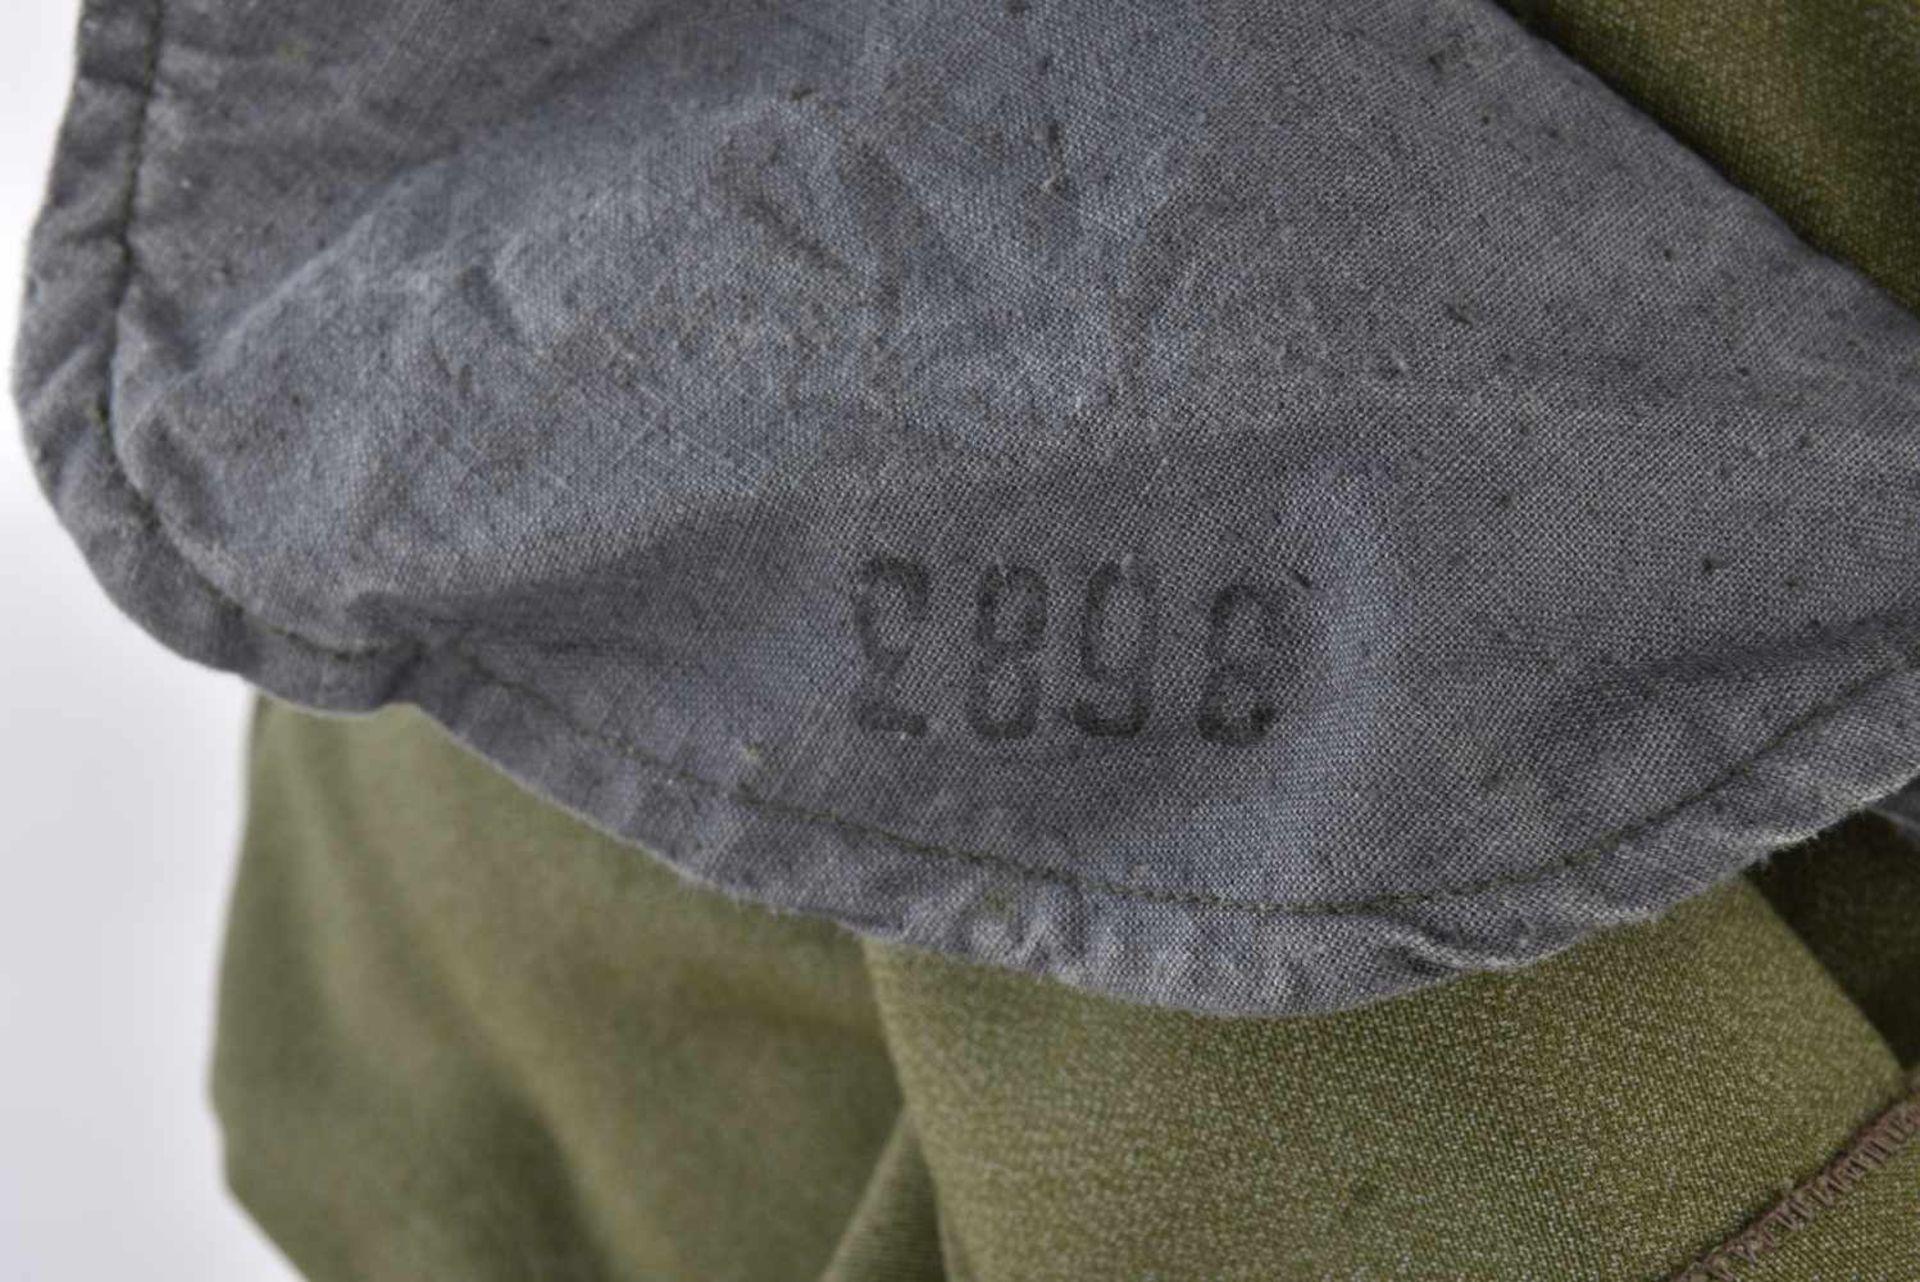 Gymnasterka M.22 pionniers en toile verte, avec ses pattes de col, parements de poitrine, insigne de - Bild 2 aus 4